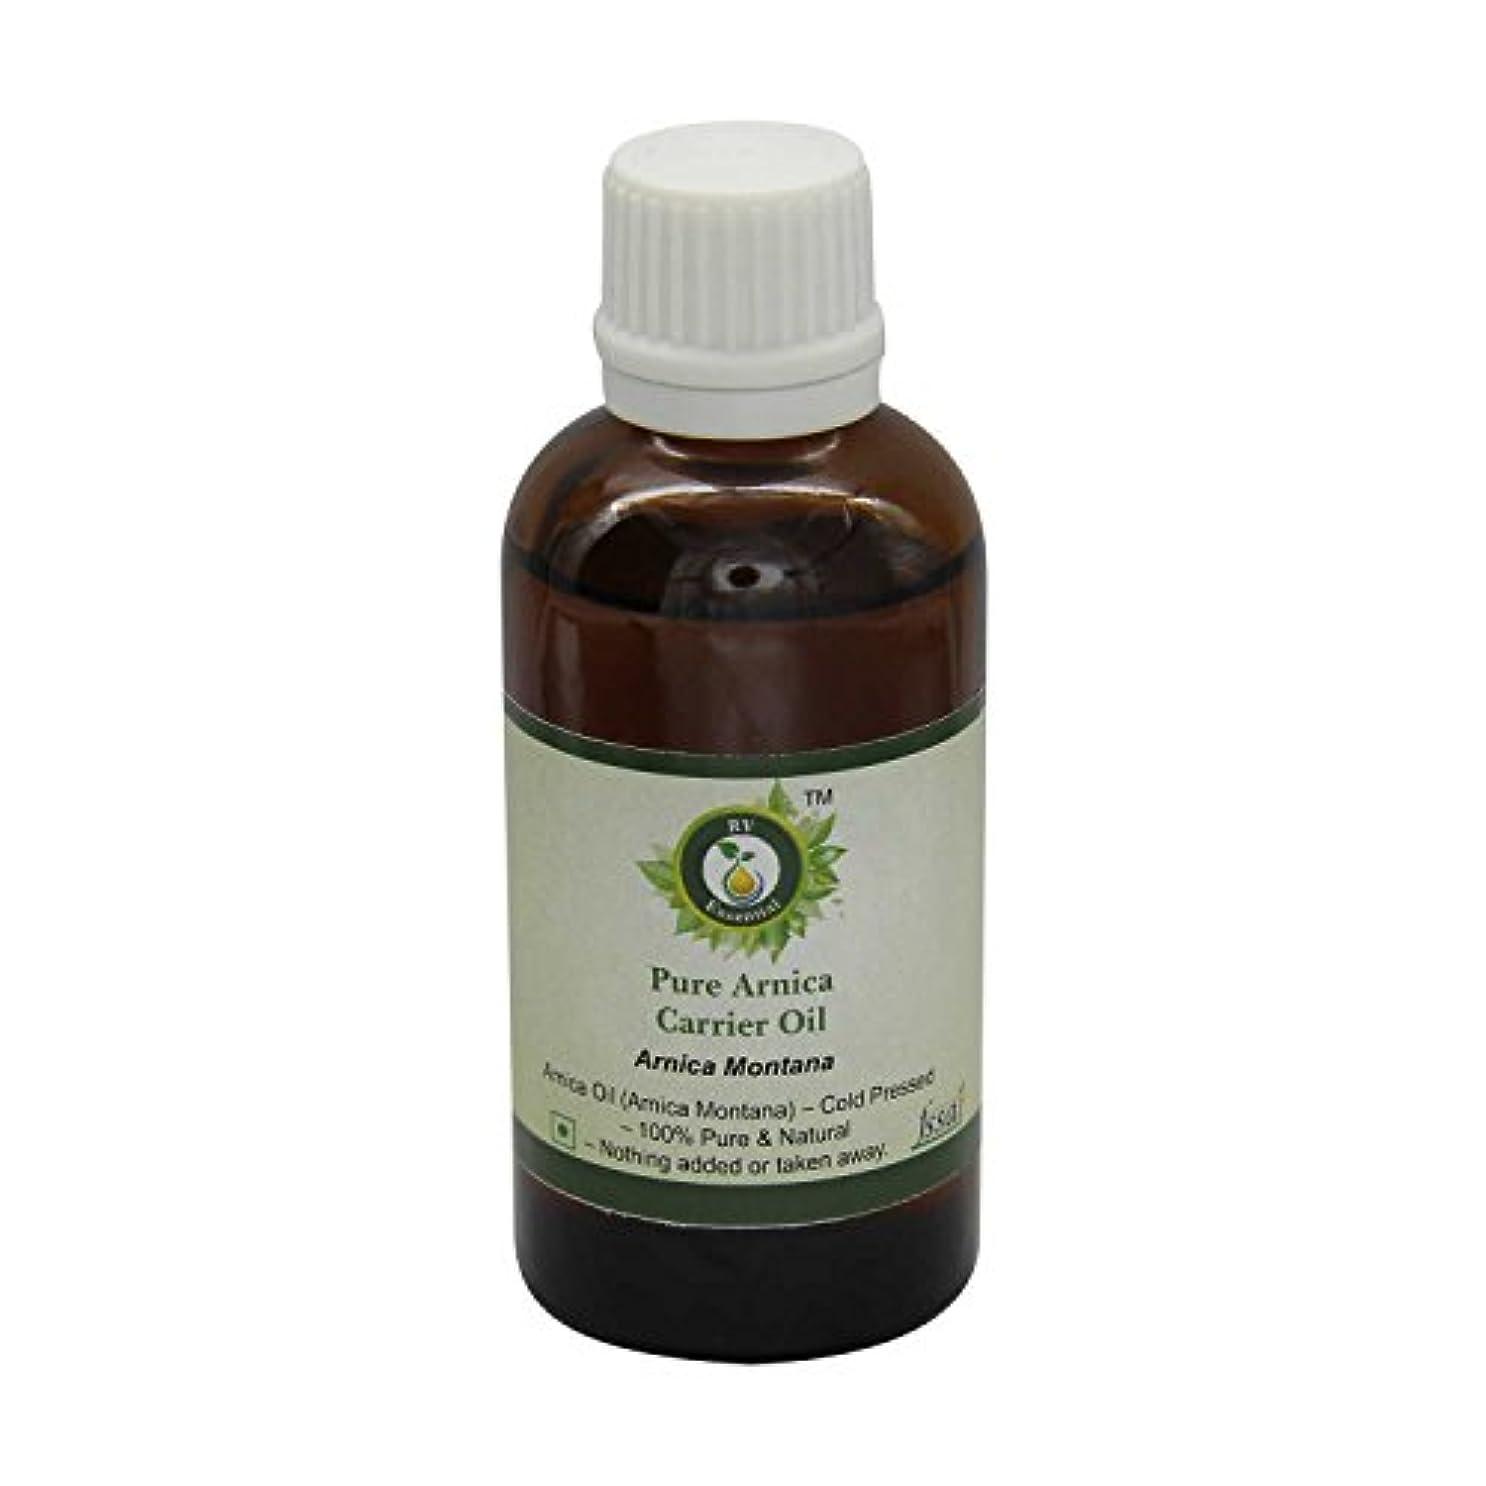 大脳規定地域R V Essential ピュアArnicaキャリアオイル300ml (10oz)- Arnica Montana (100%ピュア&ナチュラルコールドPressed) Pure Arnica Carrier Oil